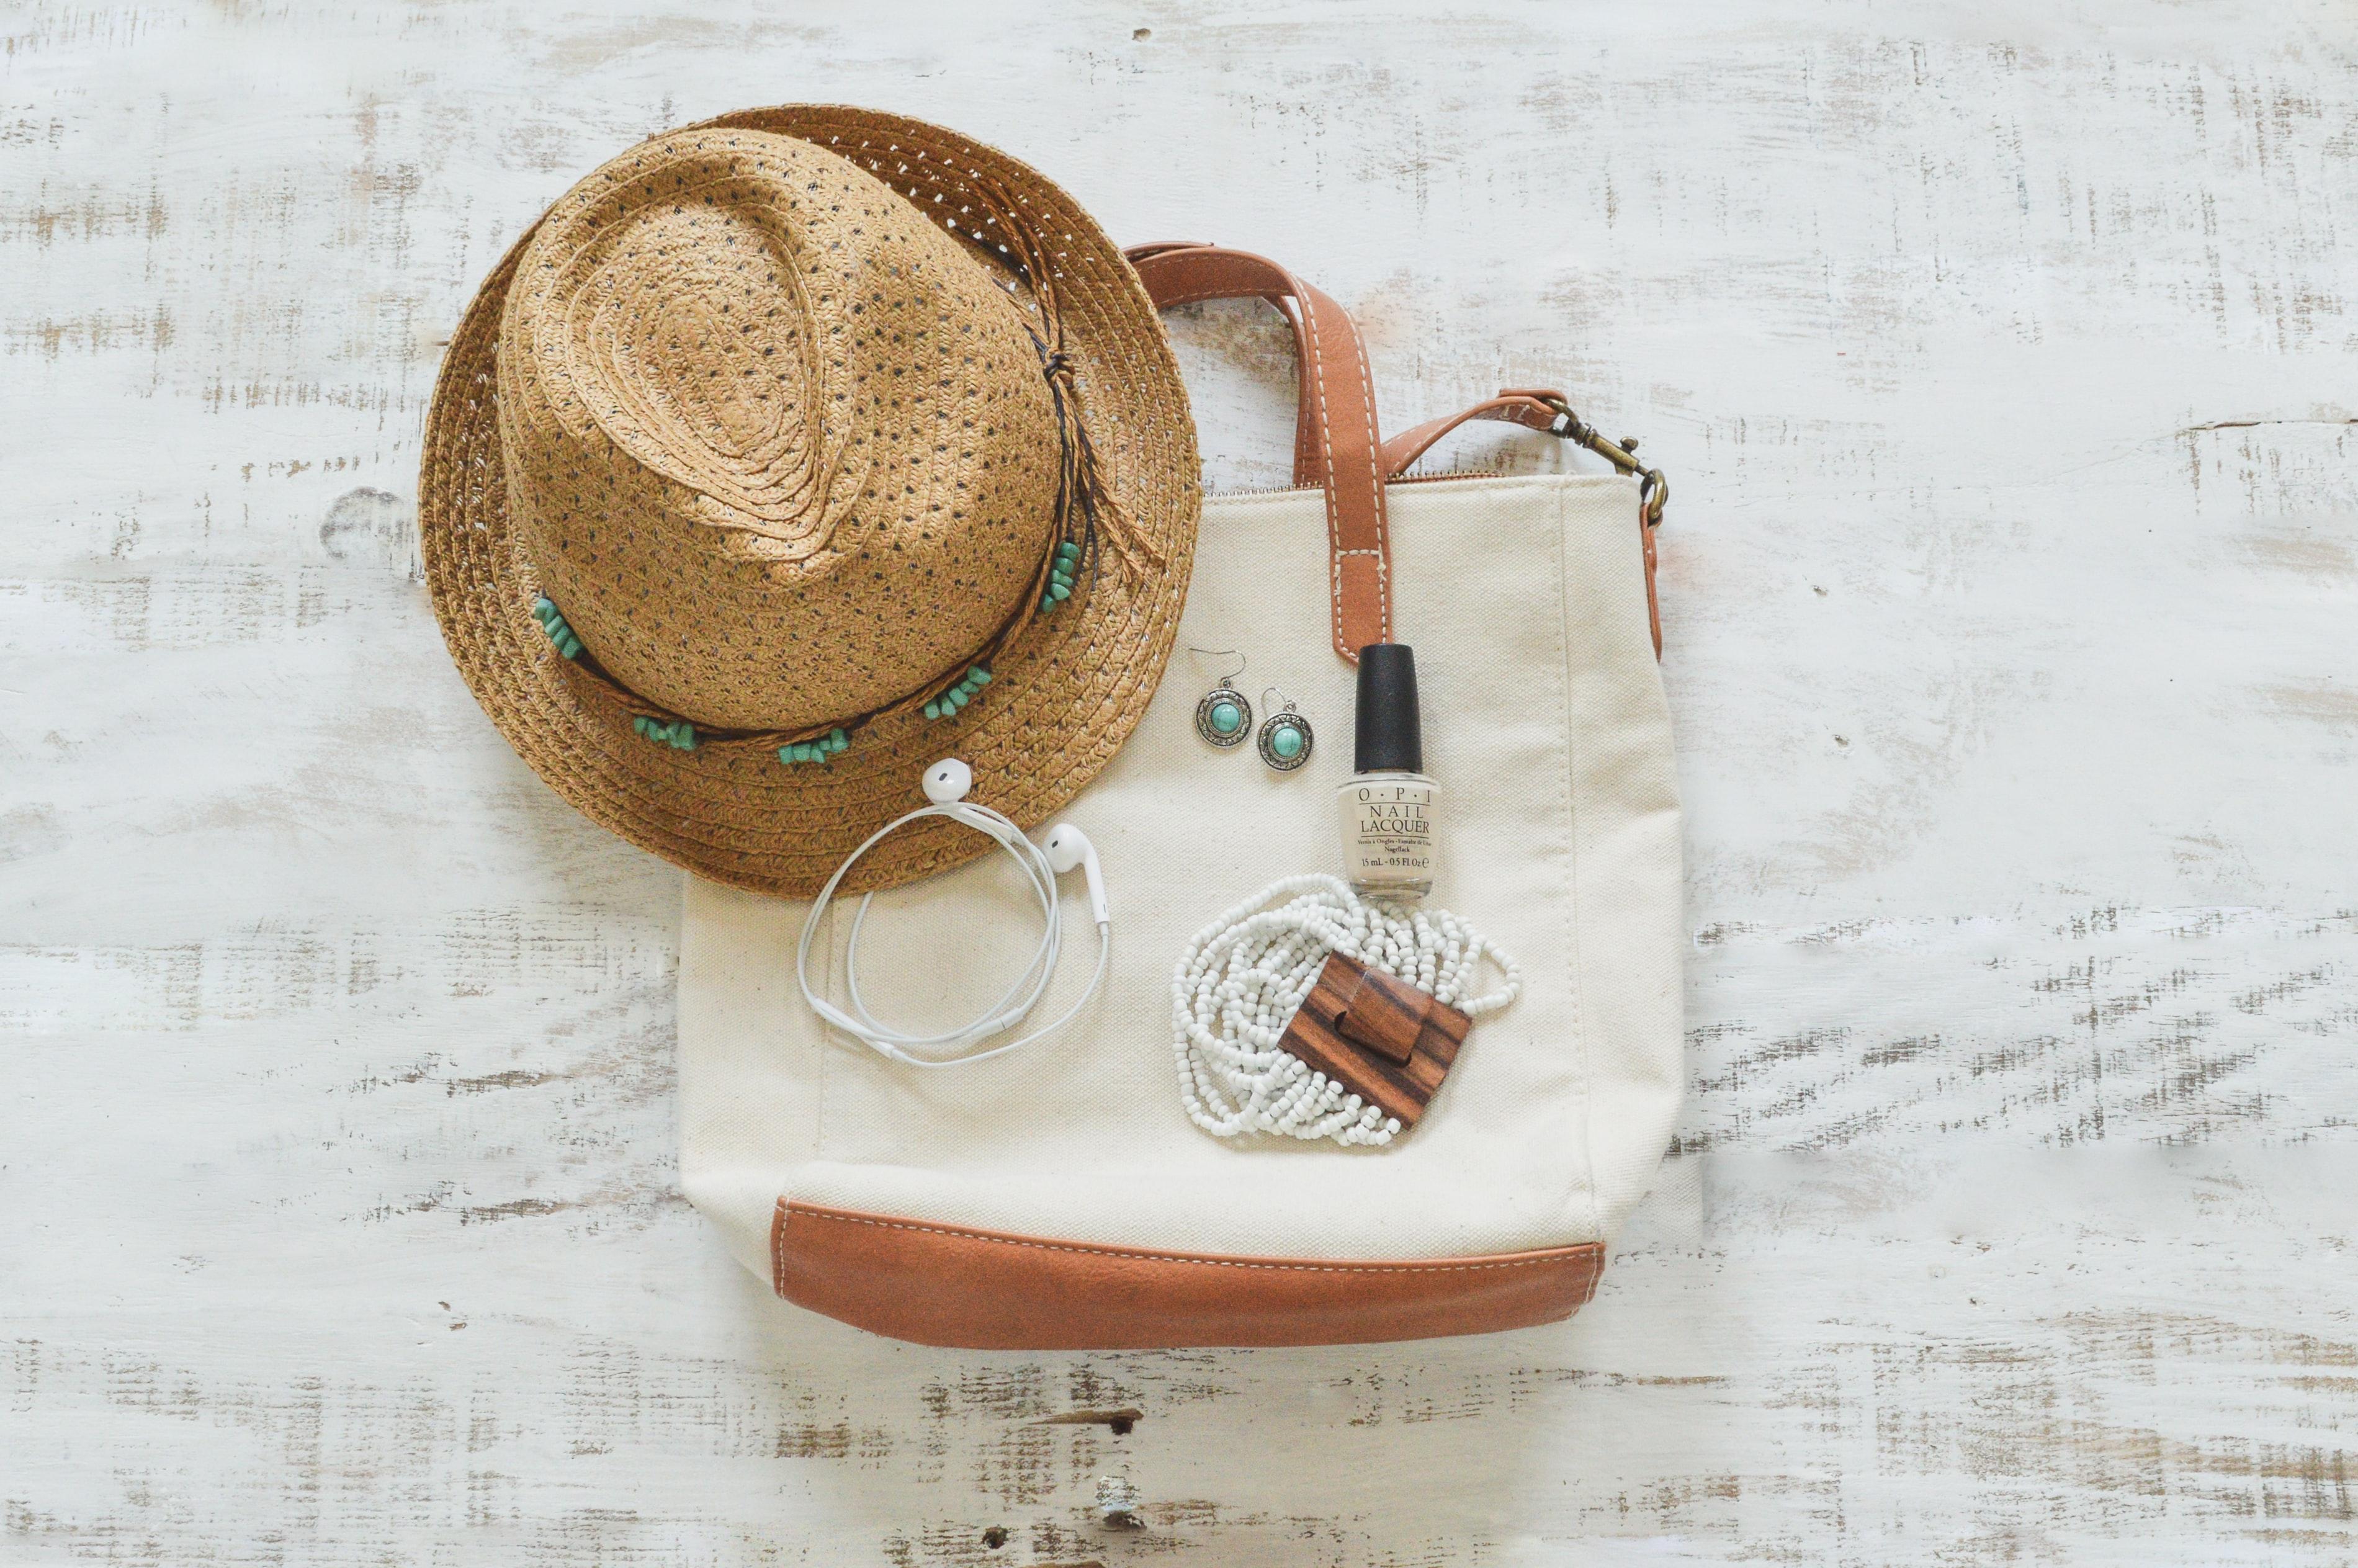 Preparar a mala de viagem com o essencial